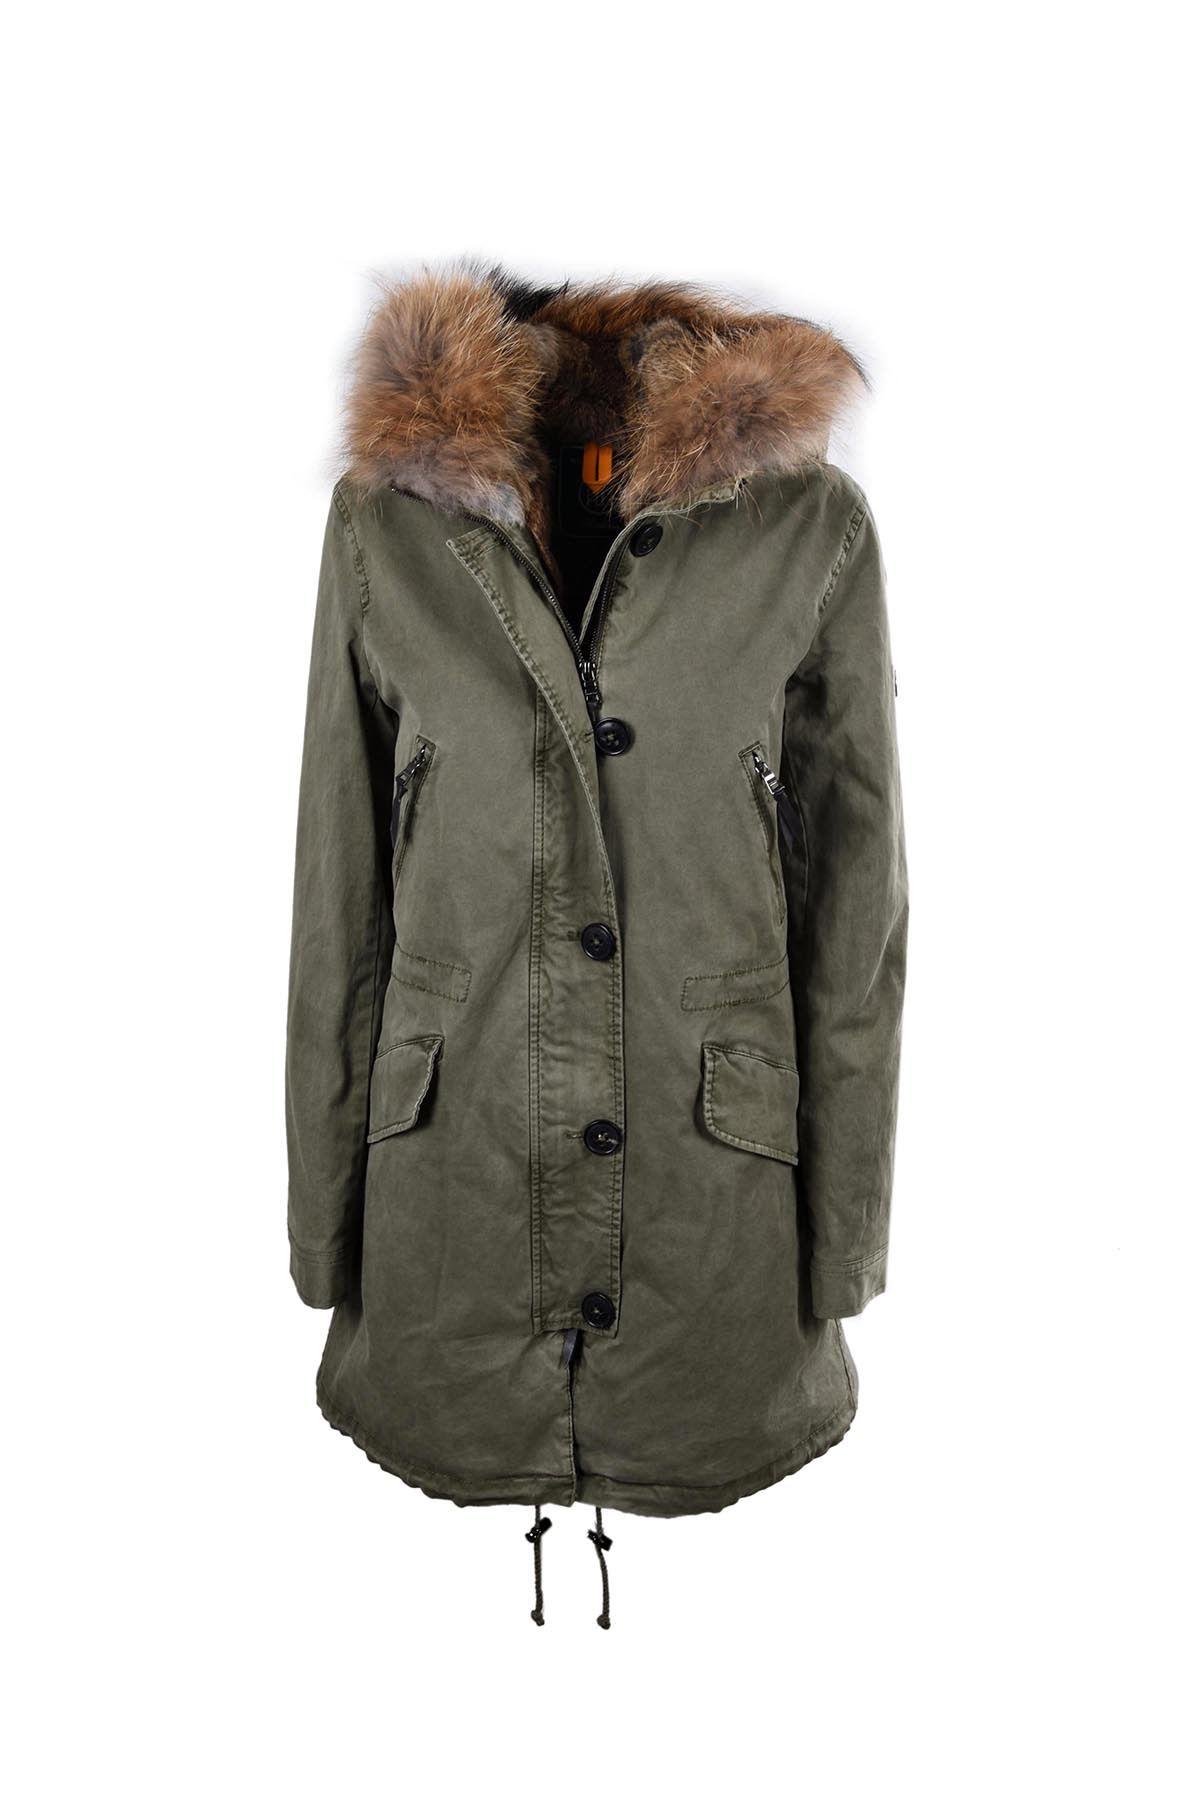 Blonde No 8 Aspen Parka Coat Blondeno 8 Cloth Parka Coat Parka Coat